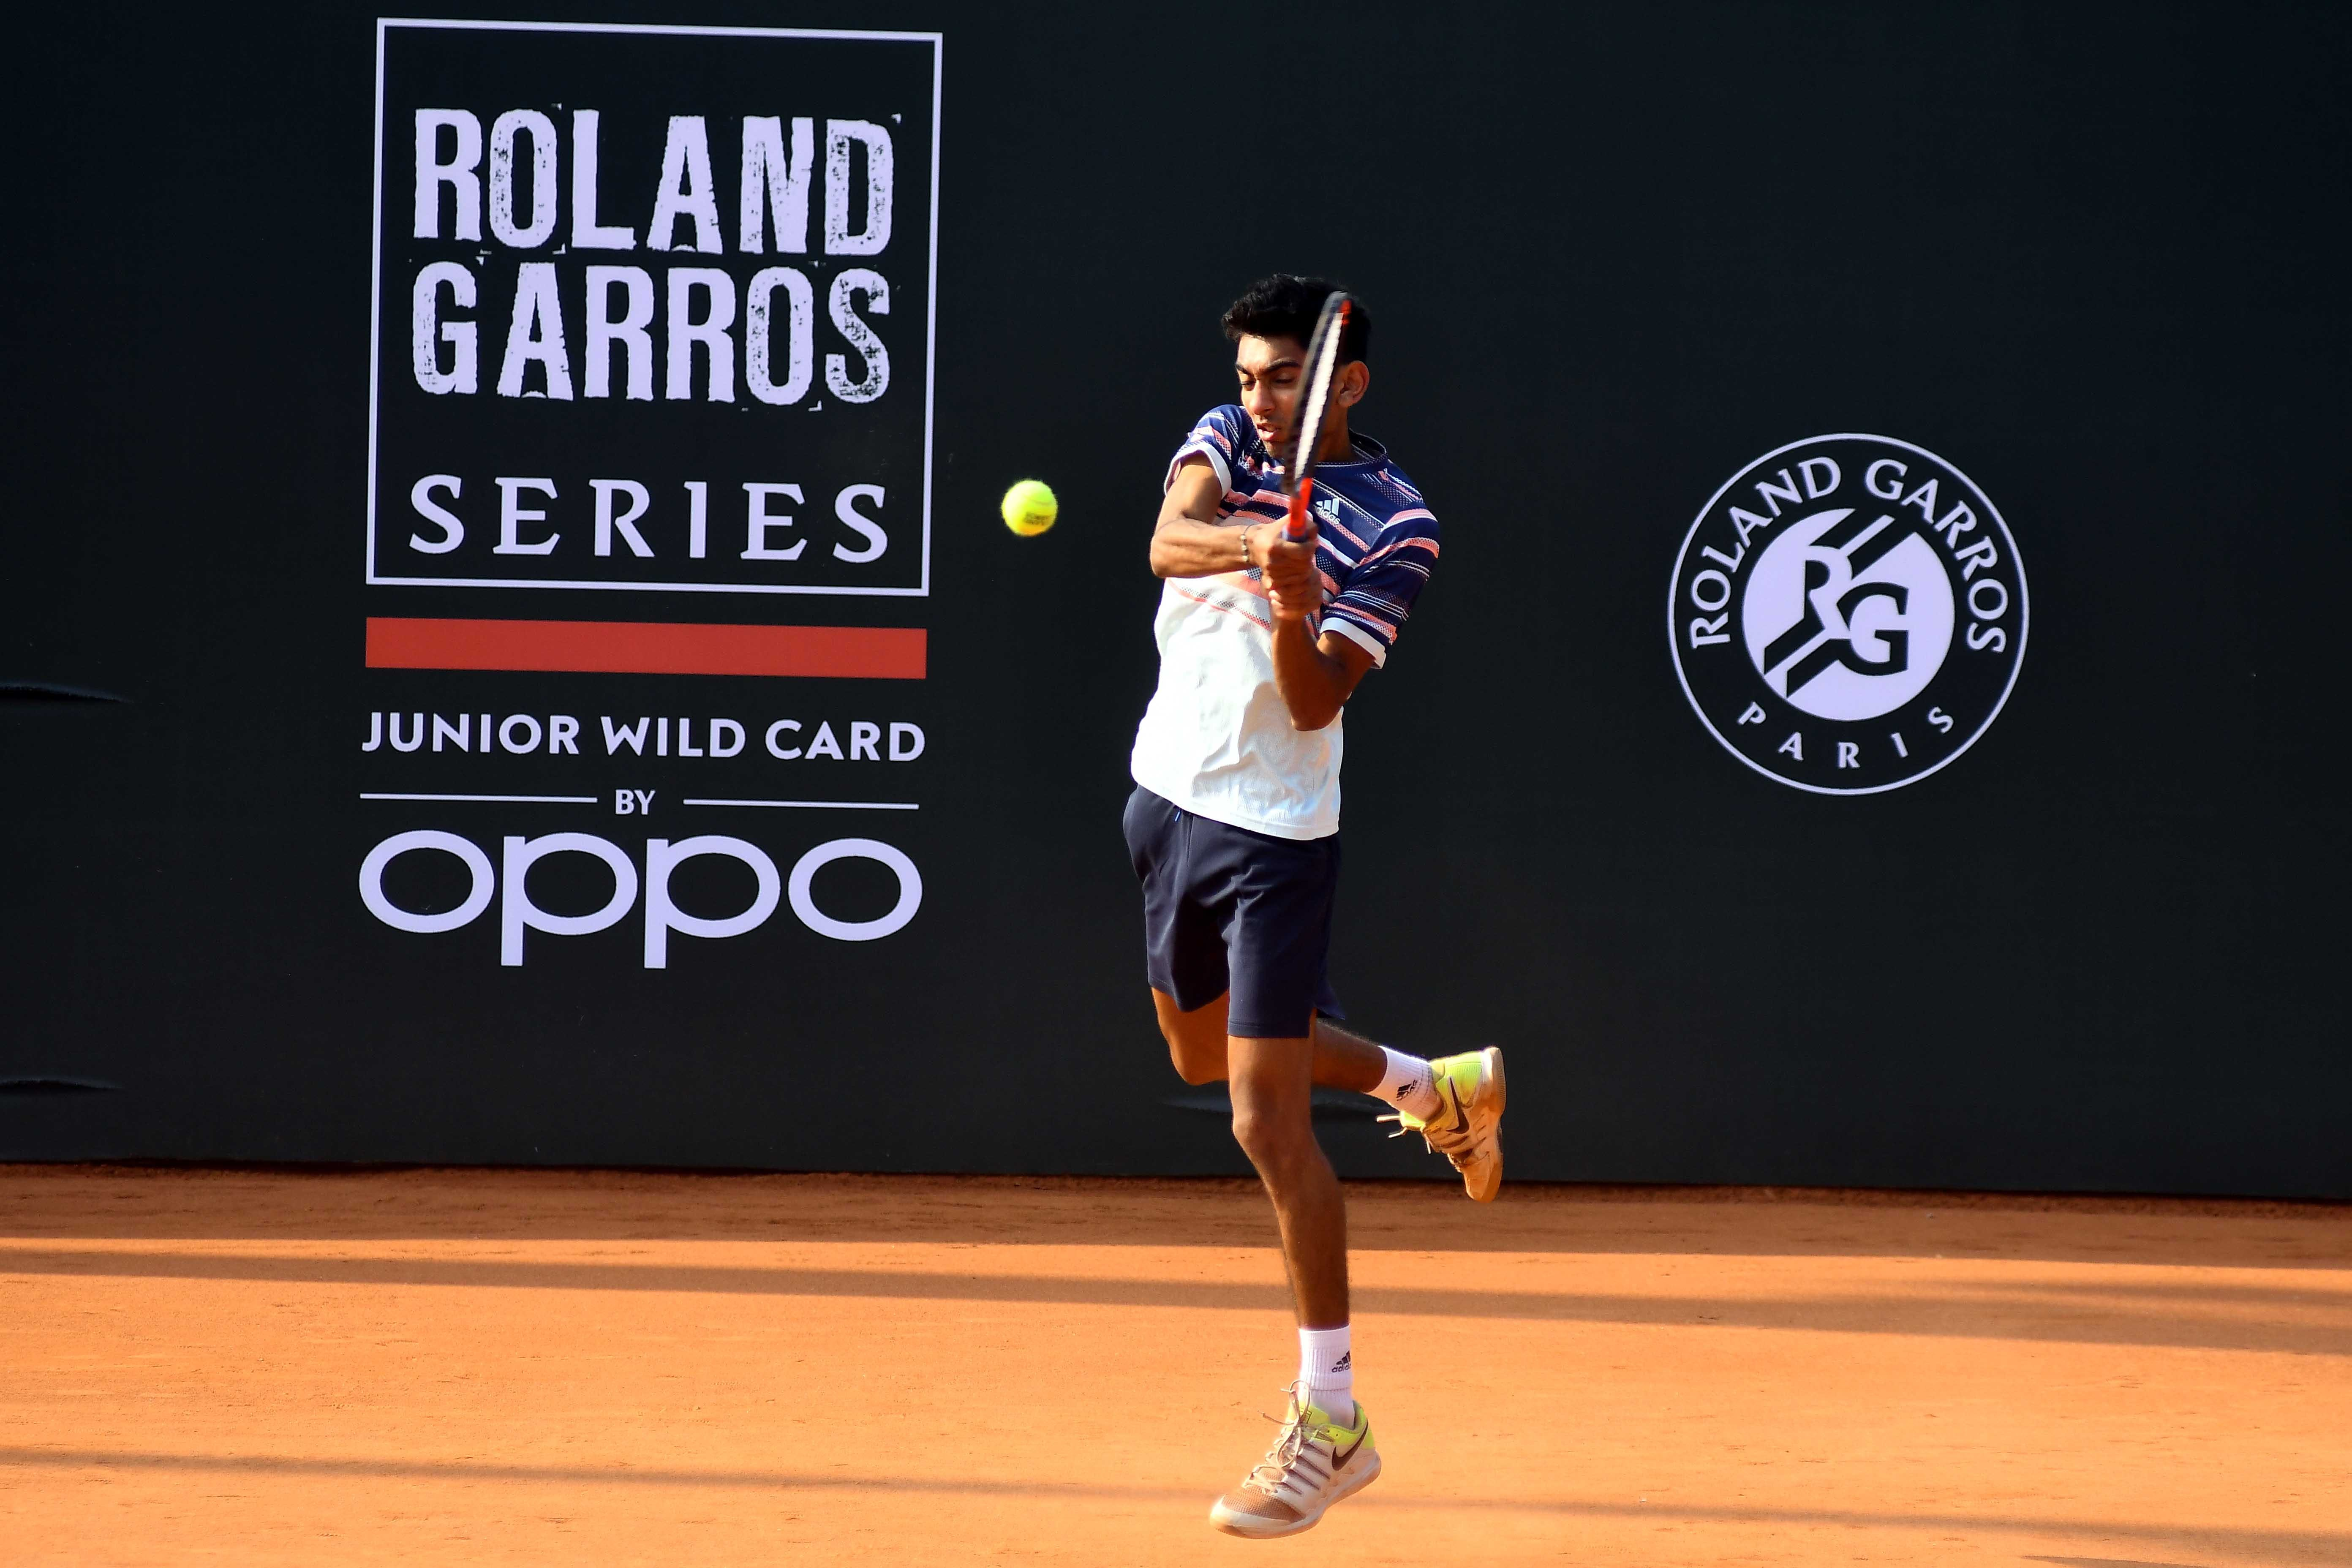 Dev V Javia Roland-Garros wild card series by OPPO